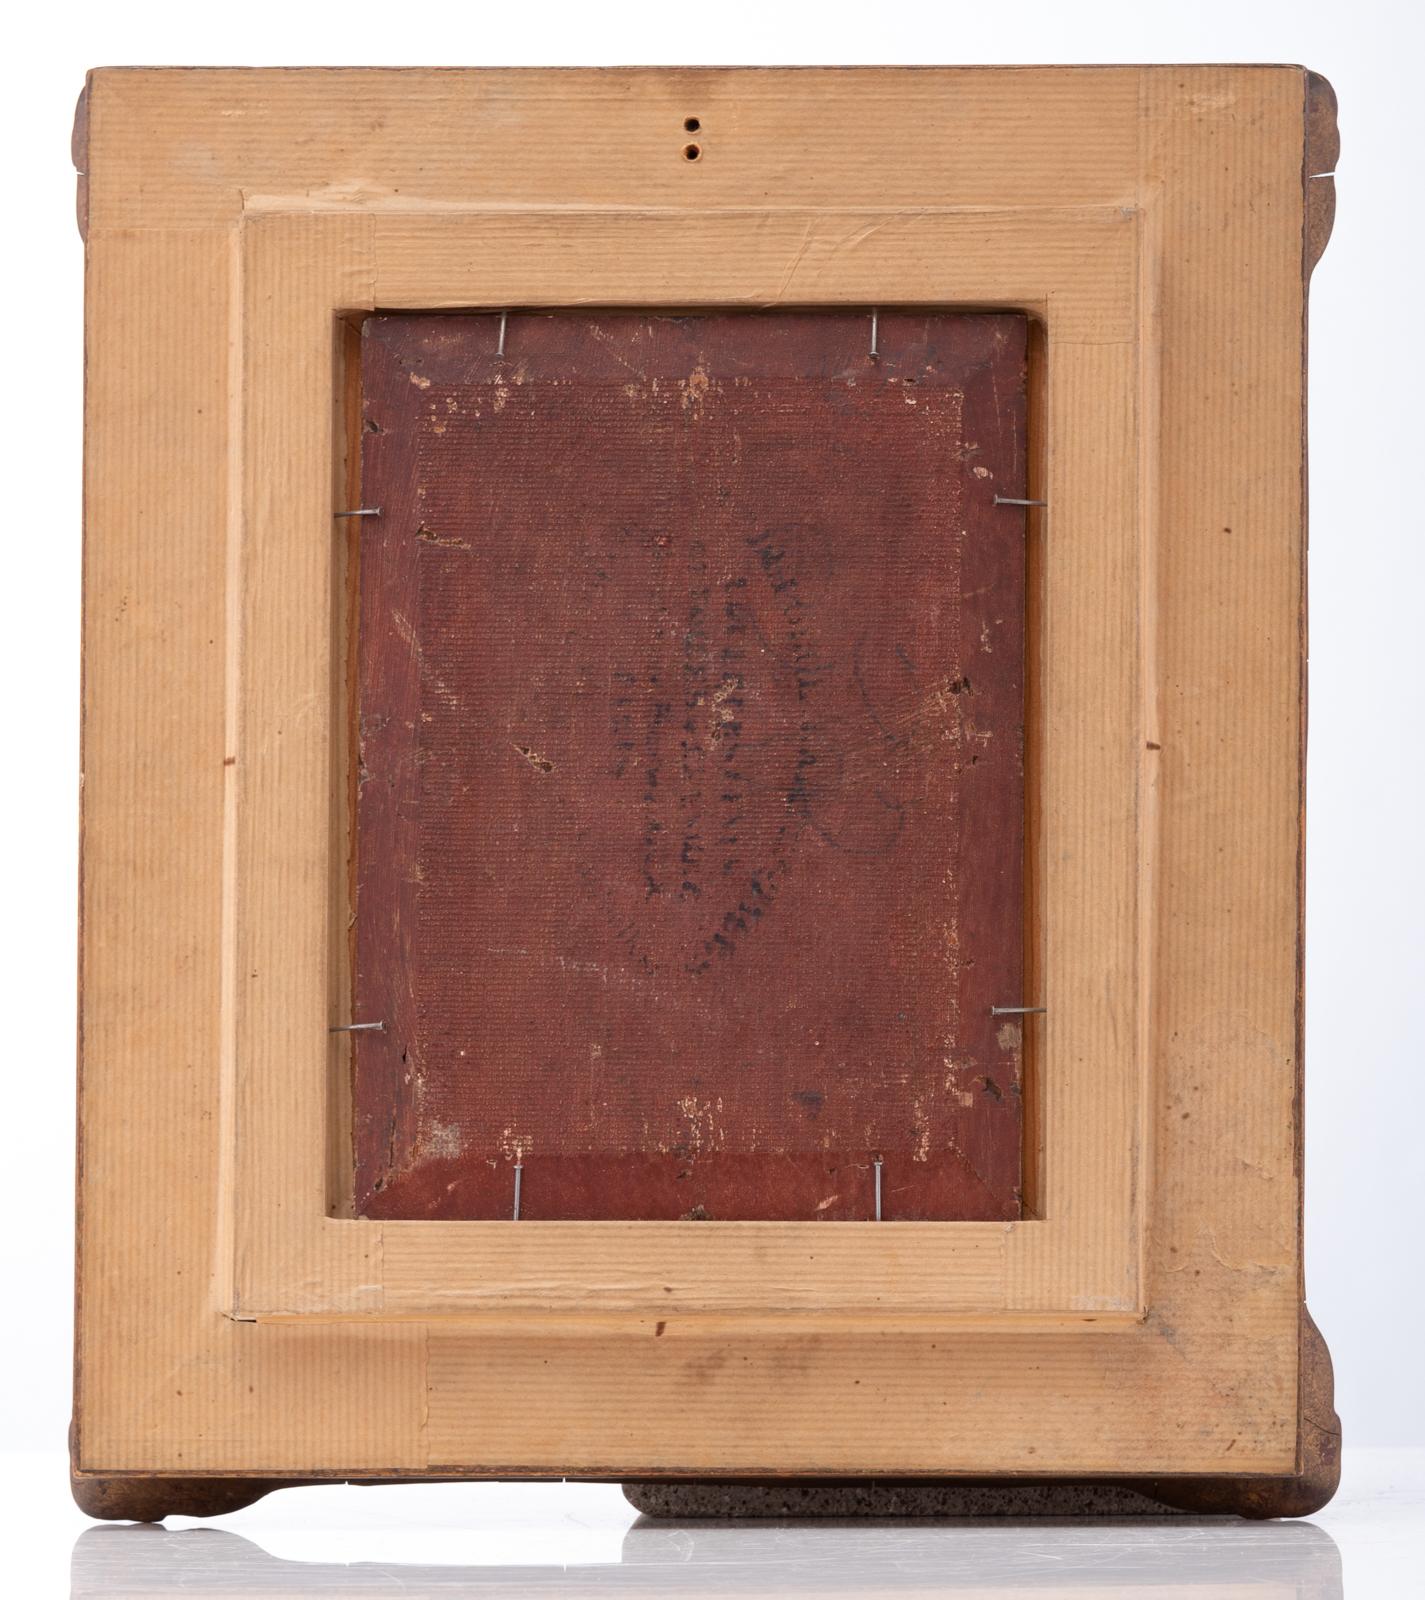 Lot 575 - Fichel E., backgammon players in a salon, oil on panel, 16 x 22 cm